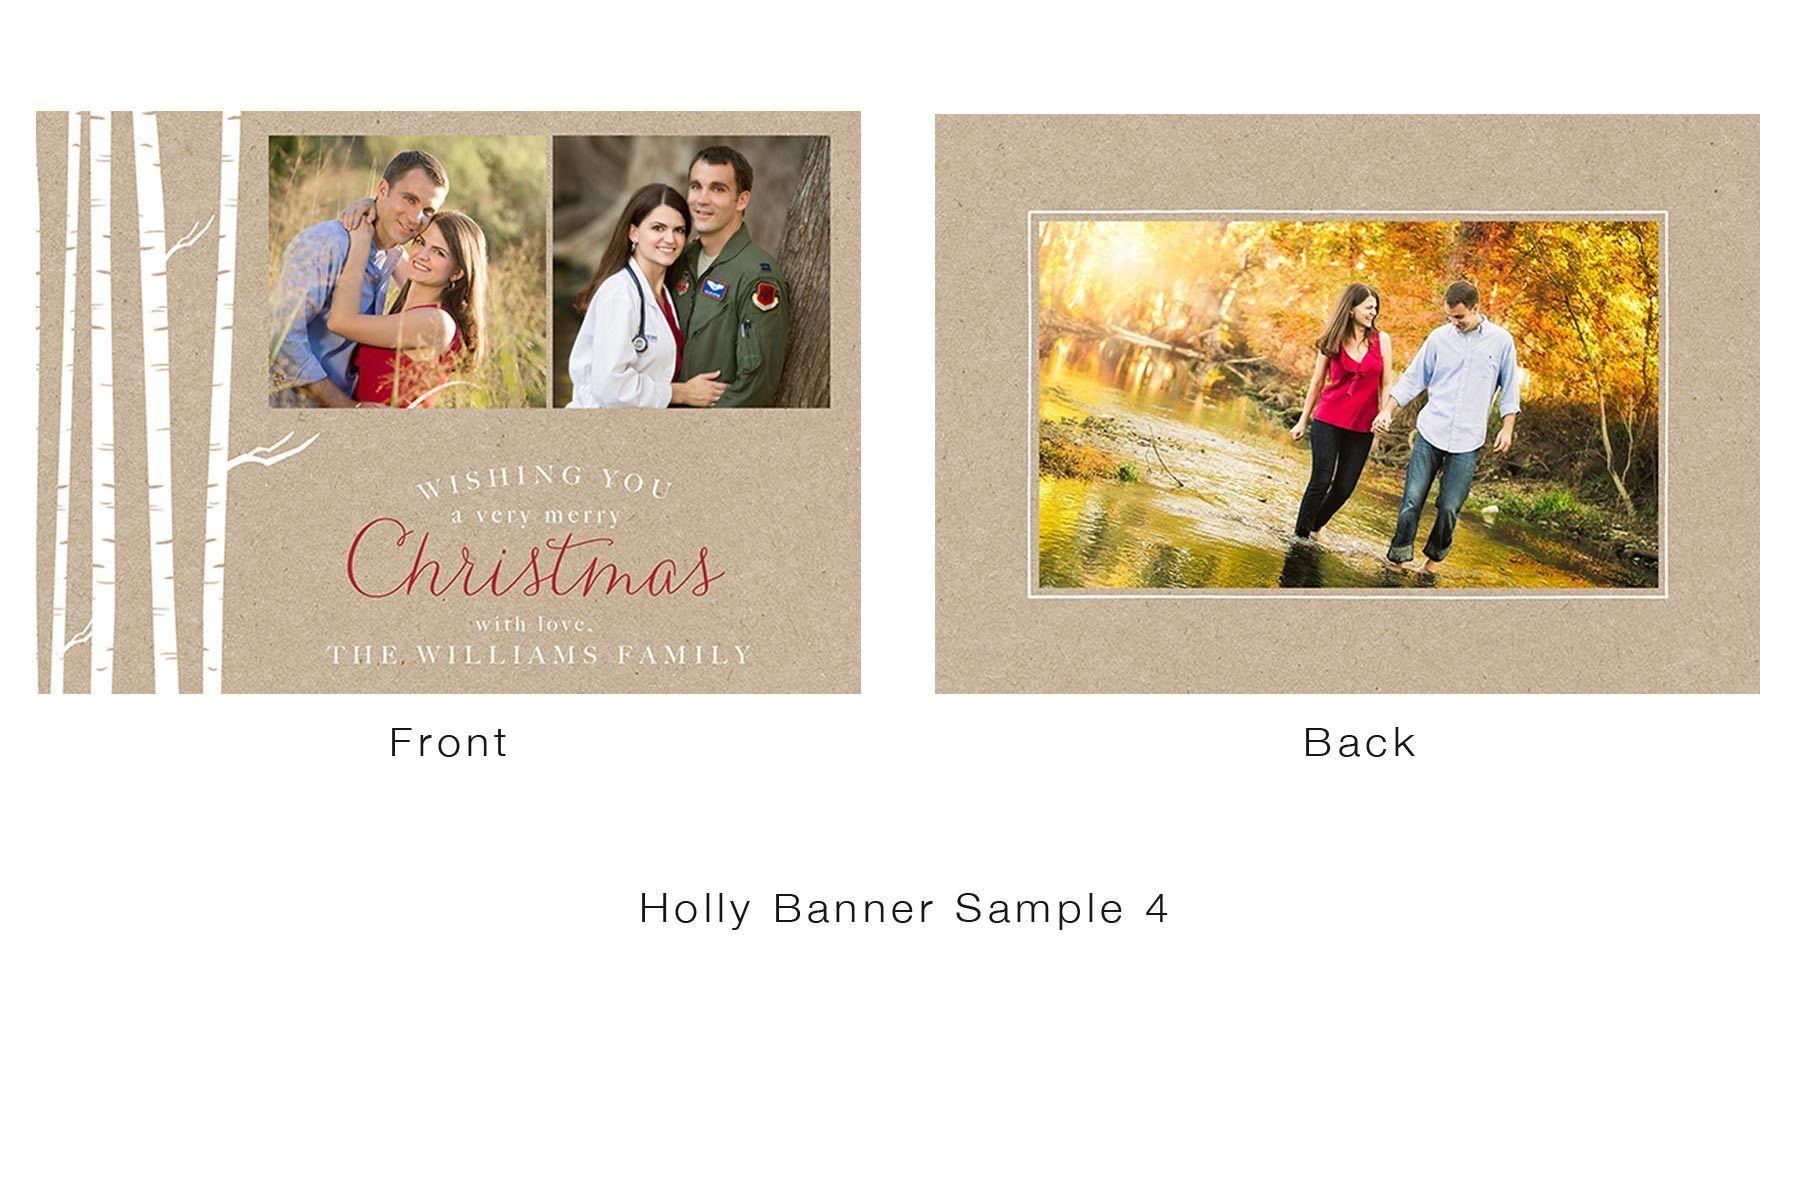 1holly_banner_sample_4.jpg